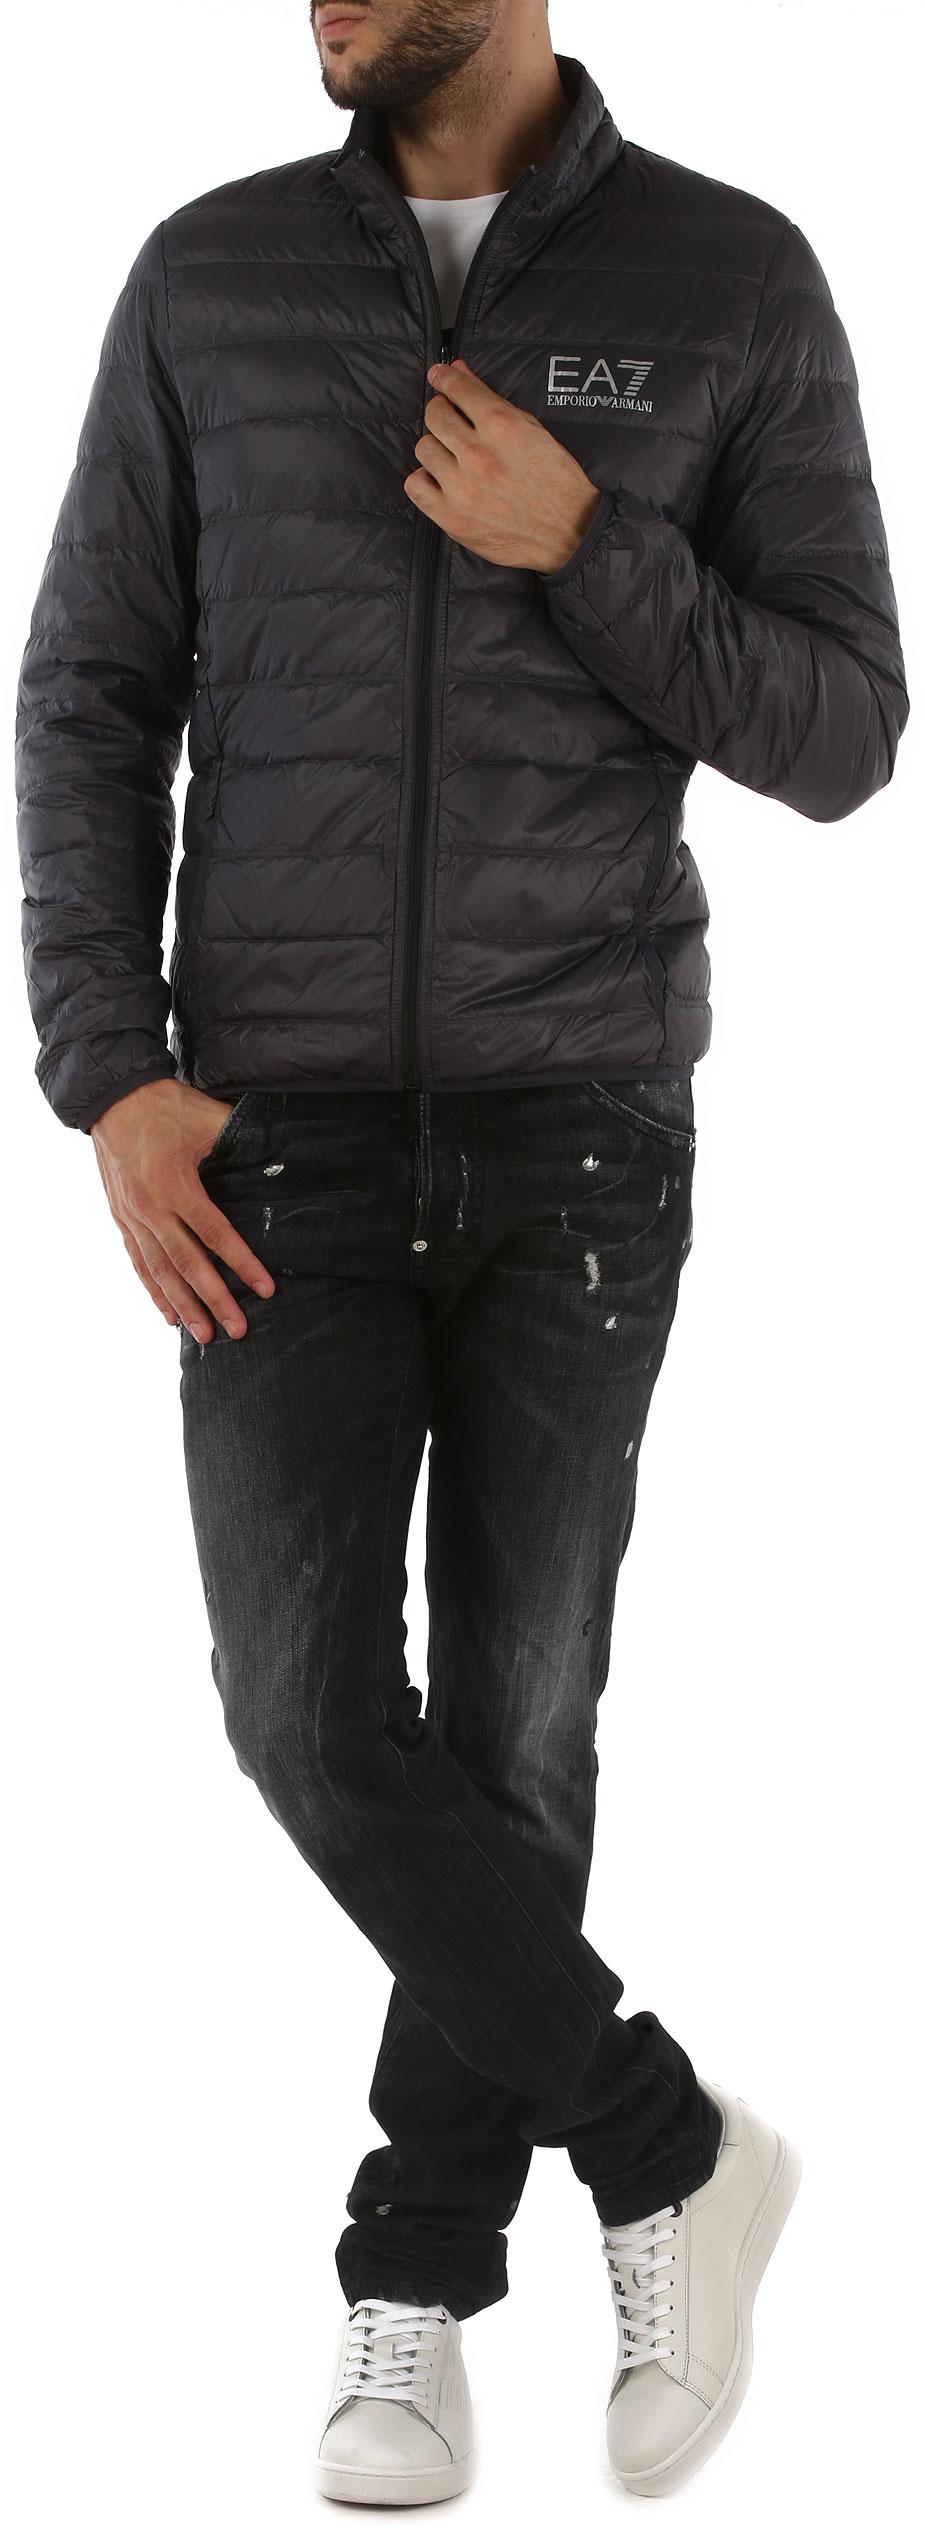 Abbigliamento Uomo Emporio Armani, Codice Articolo: 8npb01-pn29z-1994